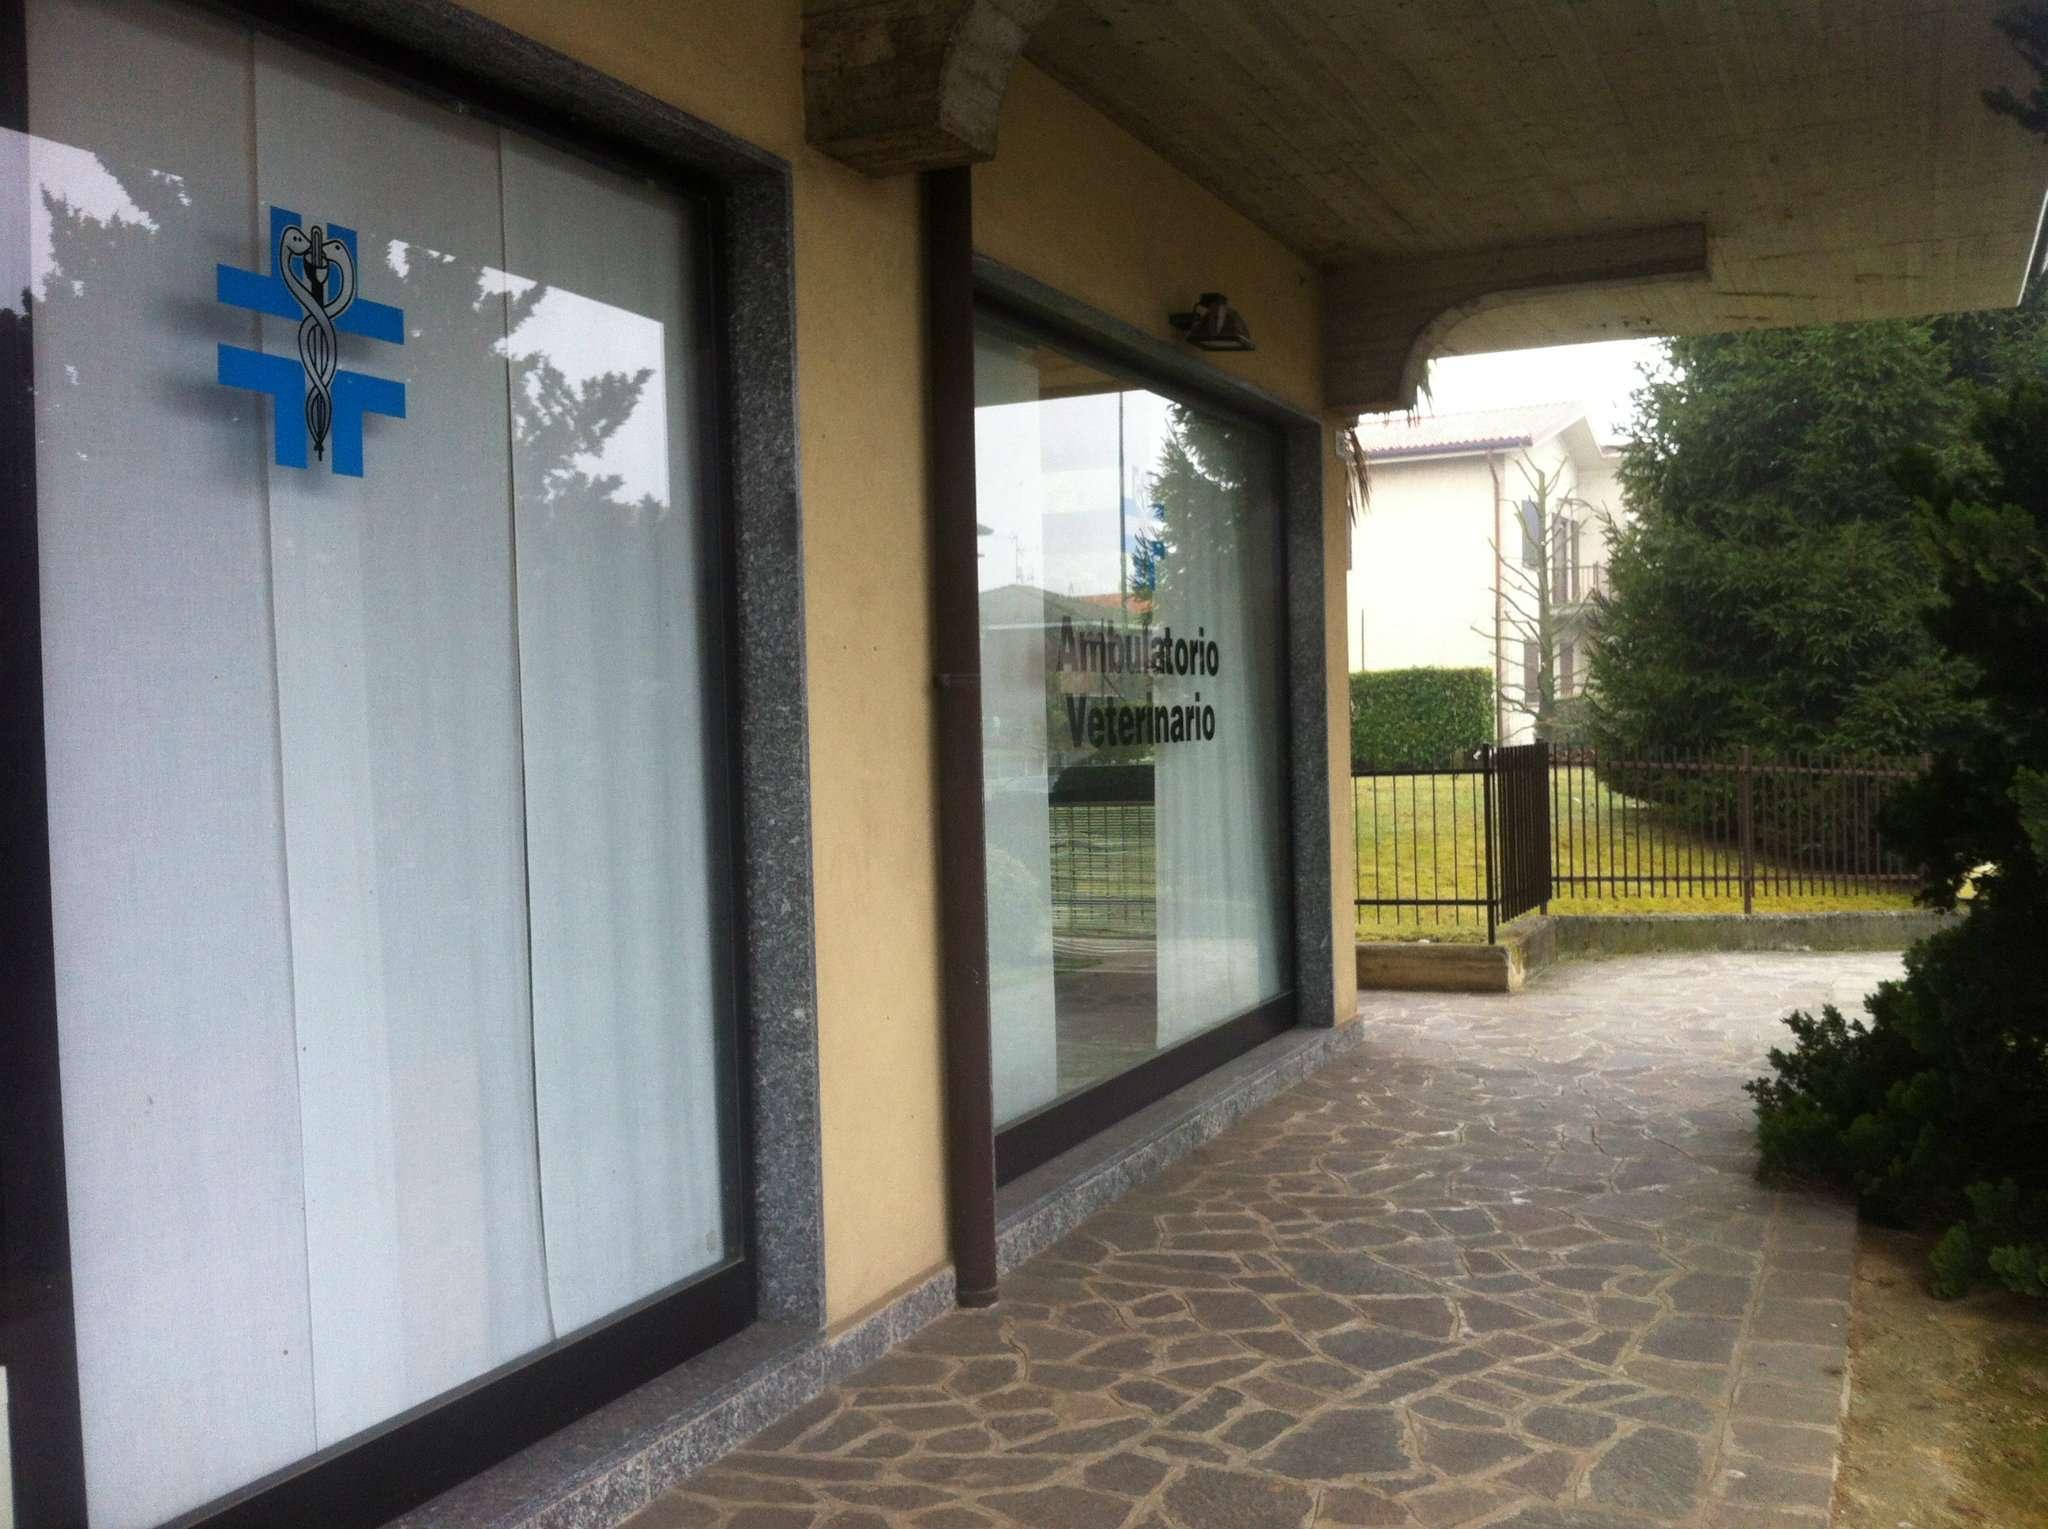 Negozio / Locale in vendita a Medolago, 1 locali, prezzo € 58.000 | CambioCasa.it